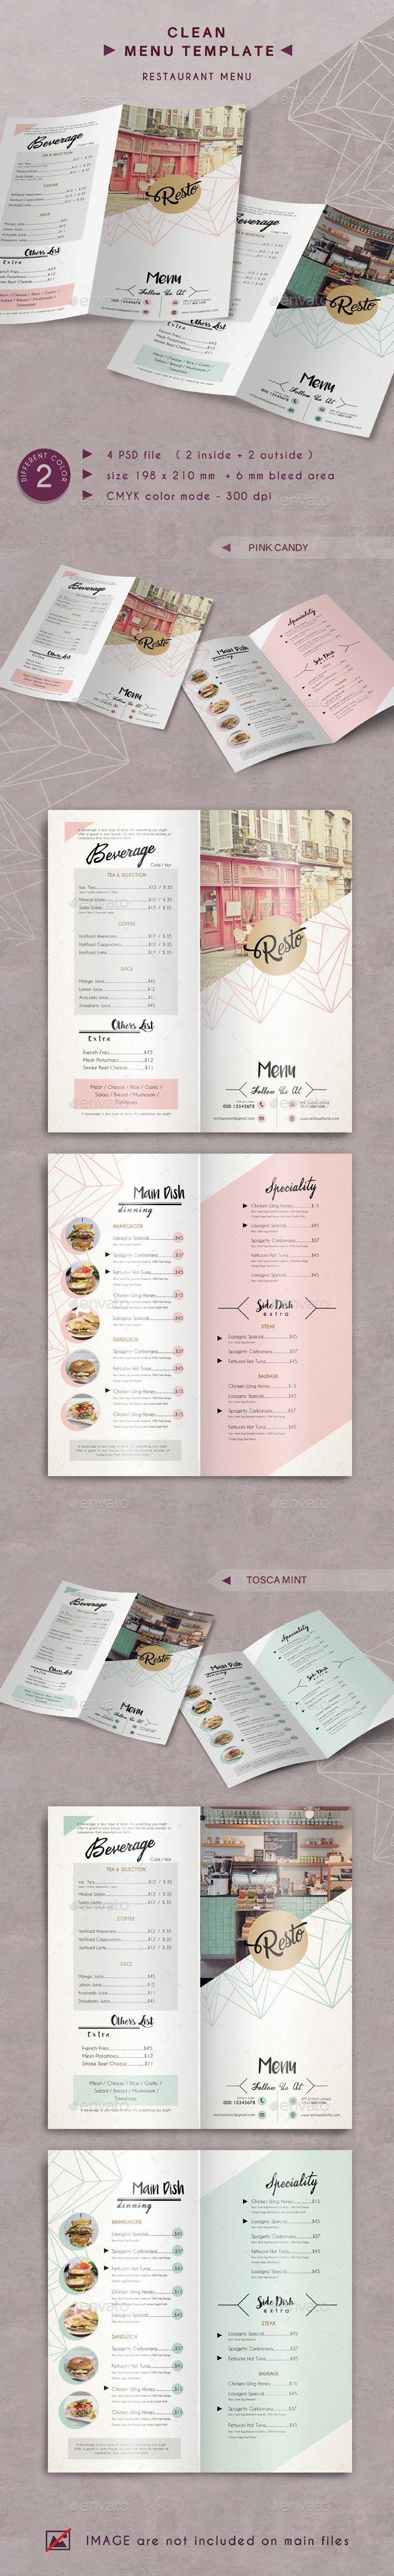 Best 25 Restaurant menu template ideas – Restaurant Menu Templates